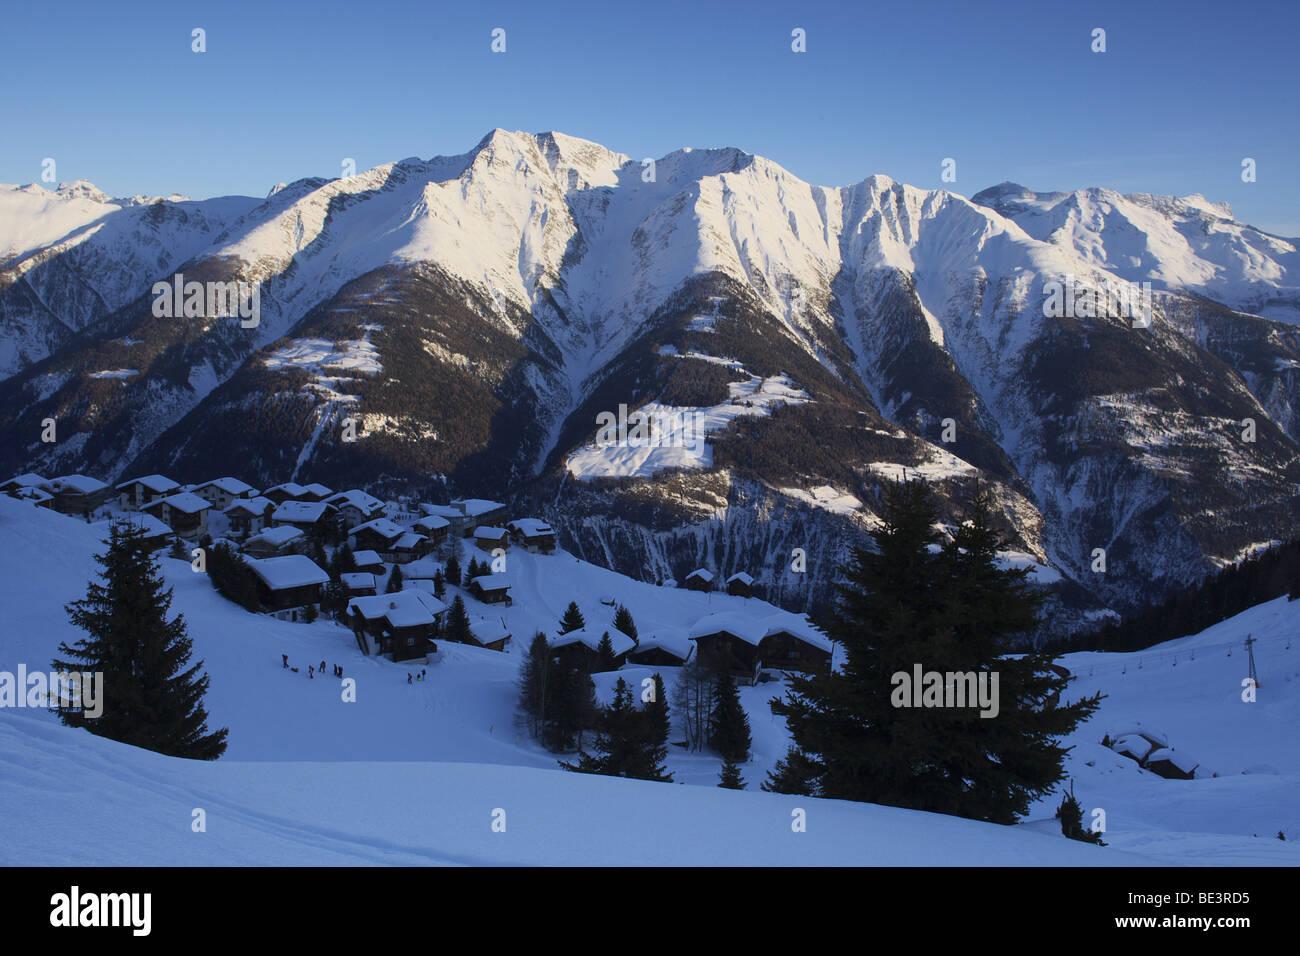 Mt Riederalp in winter, Aletsch Glacier, UNESCO World Heritage Site, Valais, Switzerland, Europe Stock Photo